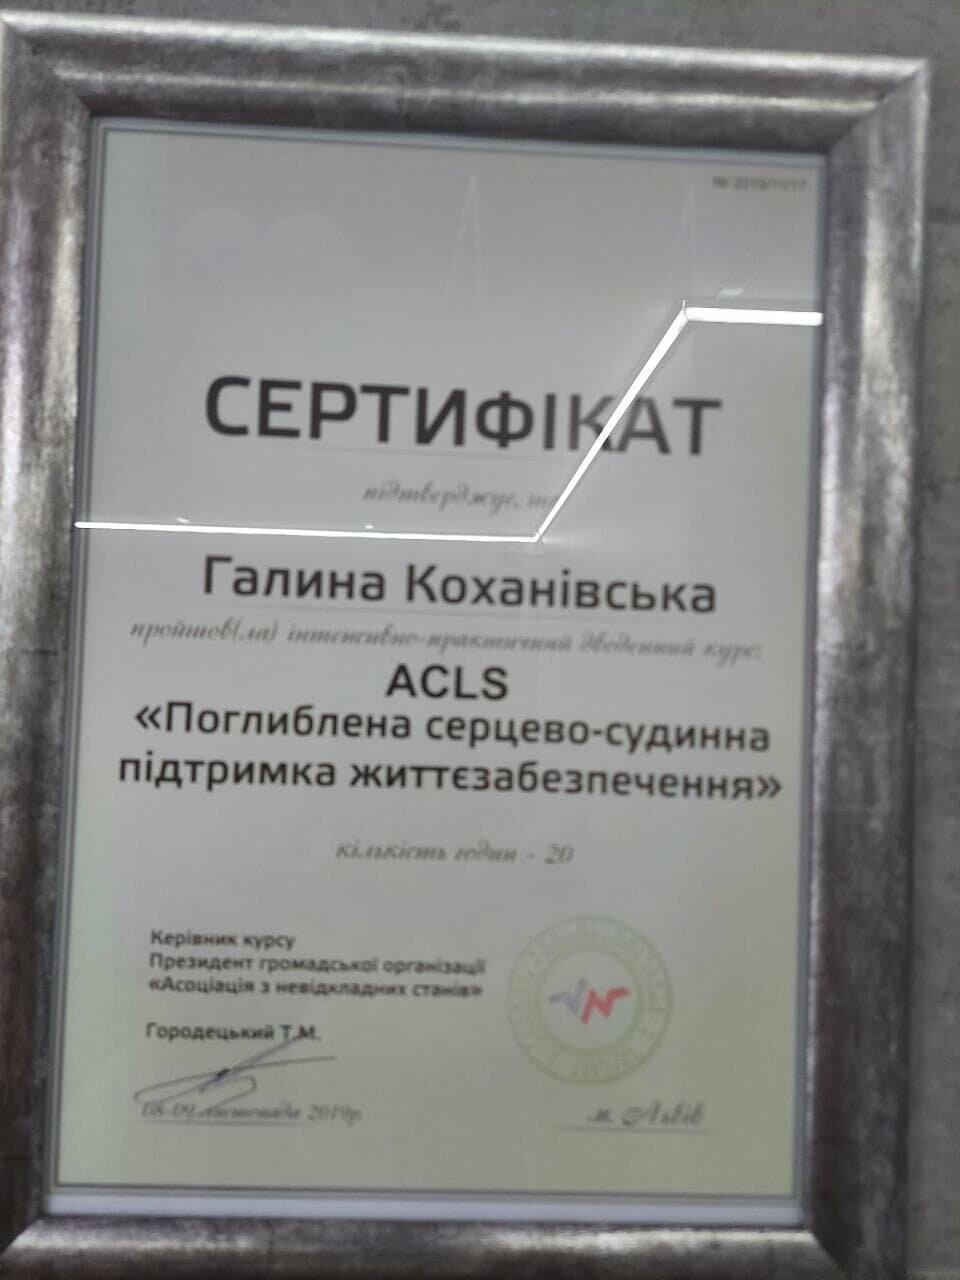 Сертифікати, фото-9